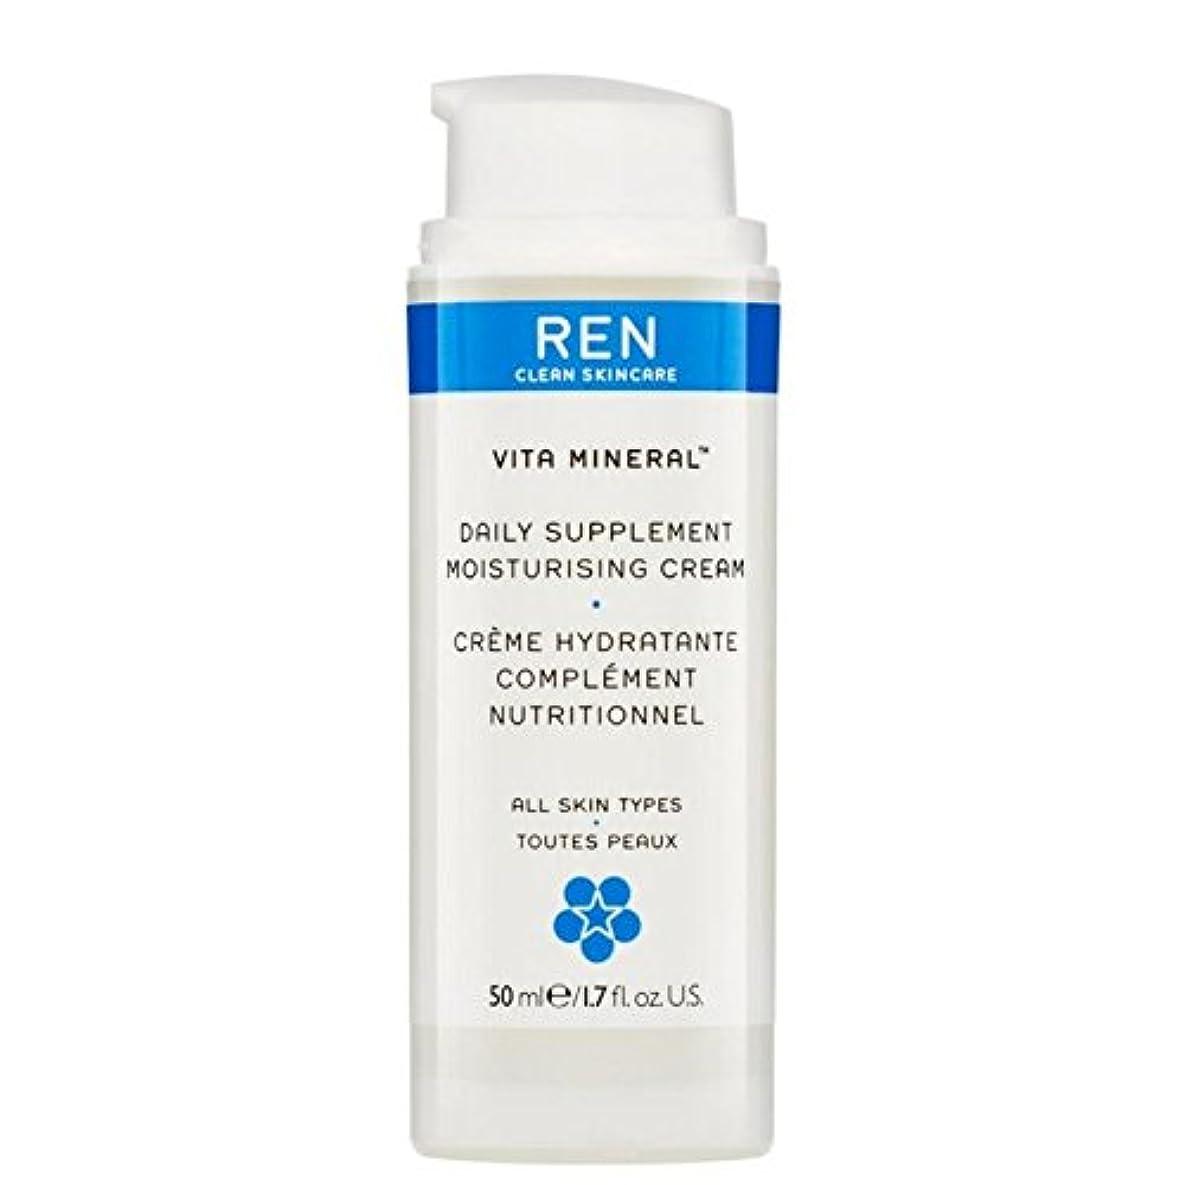 ロール封建ムスヴィータミネラル毎日サプリメント保湿クリーム x2 - REN Vita Mineral Daily Supplement Moisturising Cream (Pack of 2) [並行輸入品]